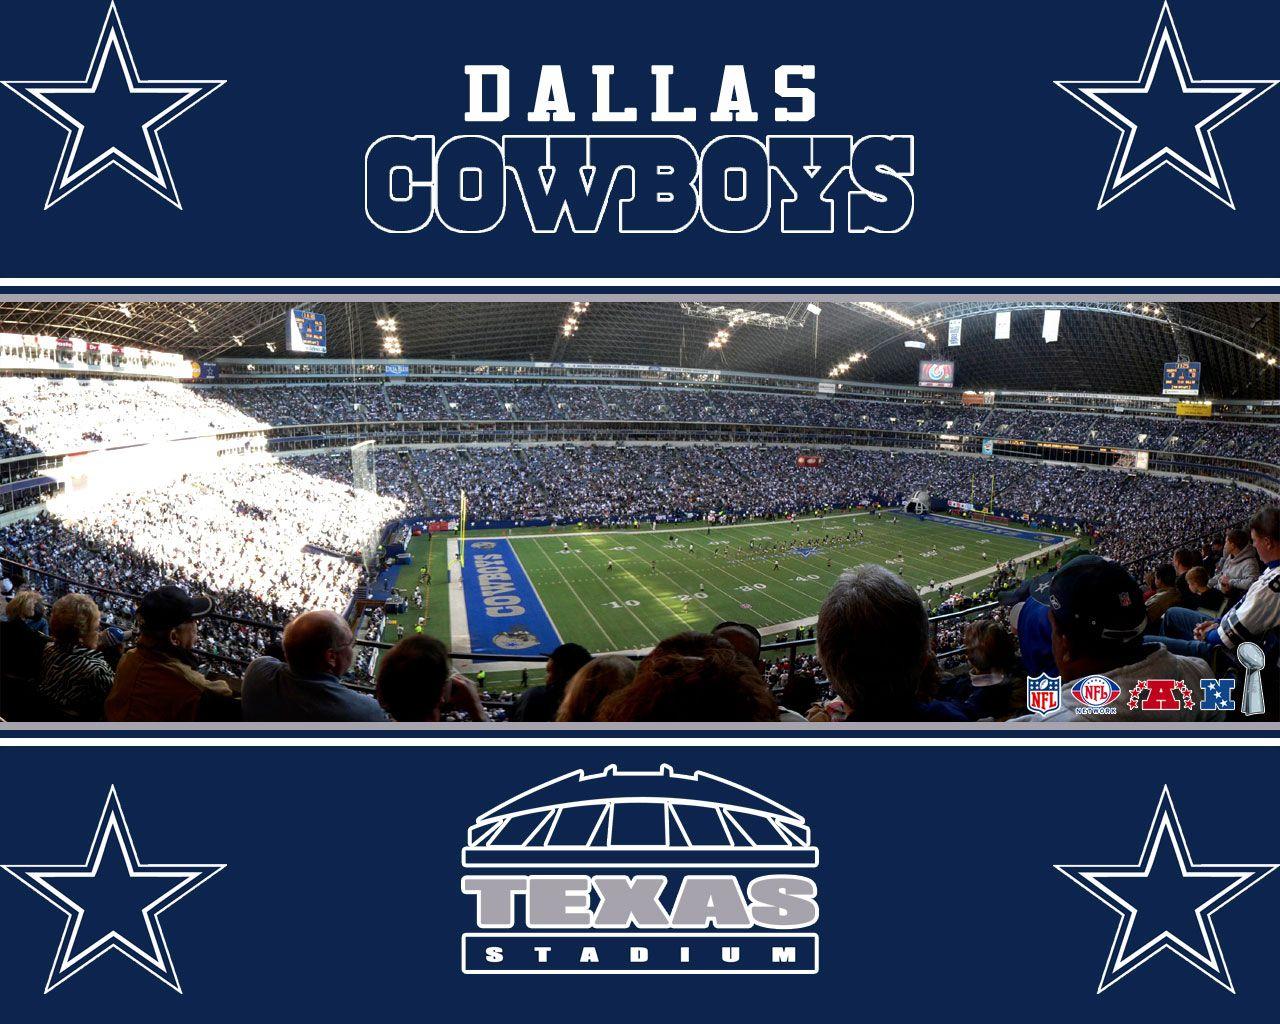 Dallas Cowboys Stadium Wallpaper Dallas Cowboys Wallpaper Dallas Cowboys Cowboys Stadium